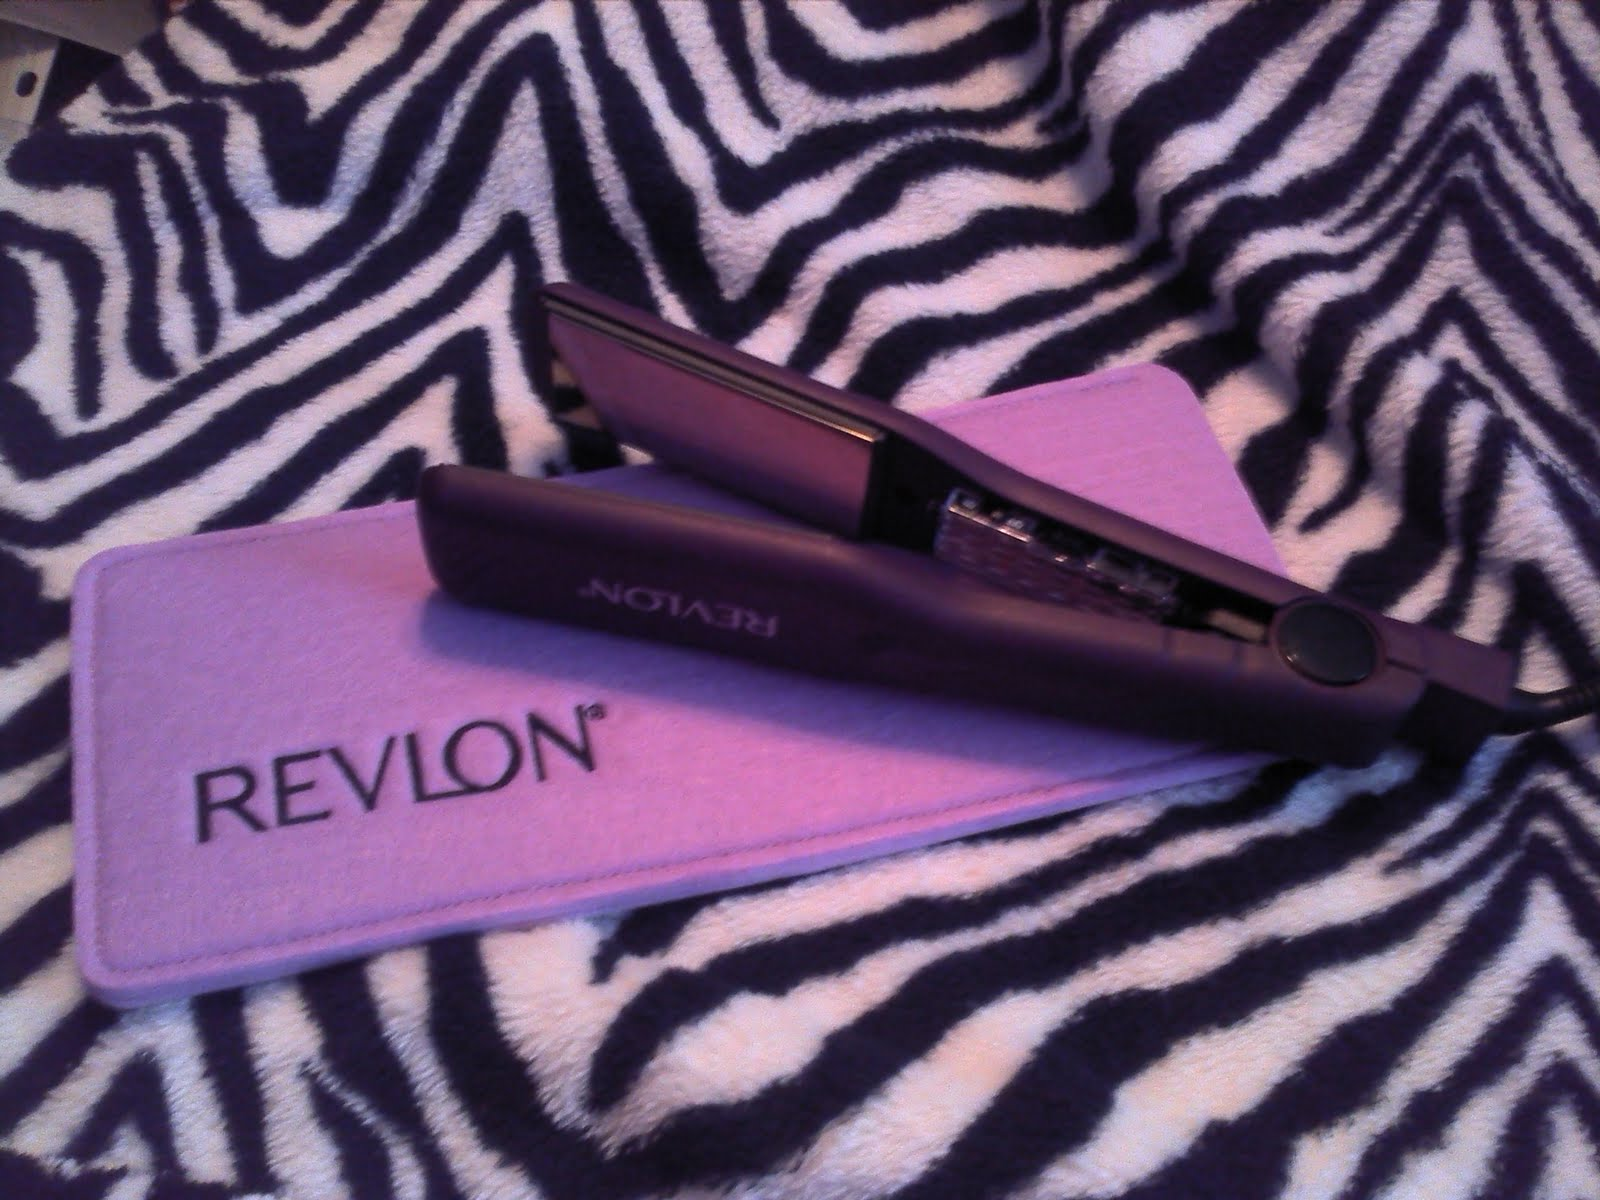 Revlon Straightener Review